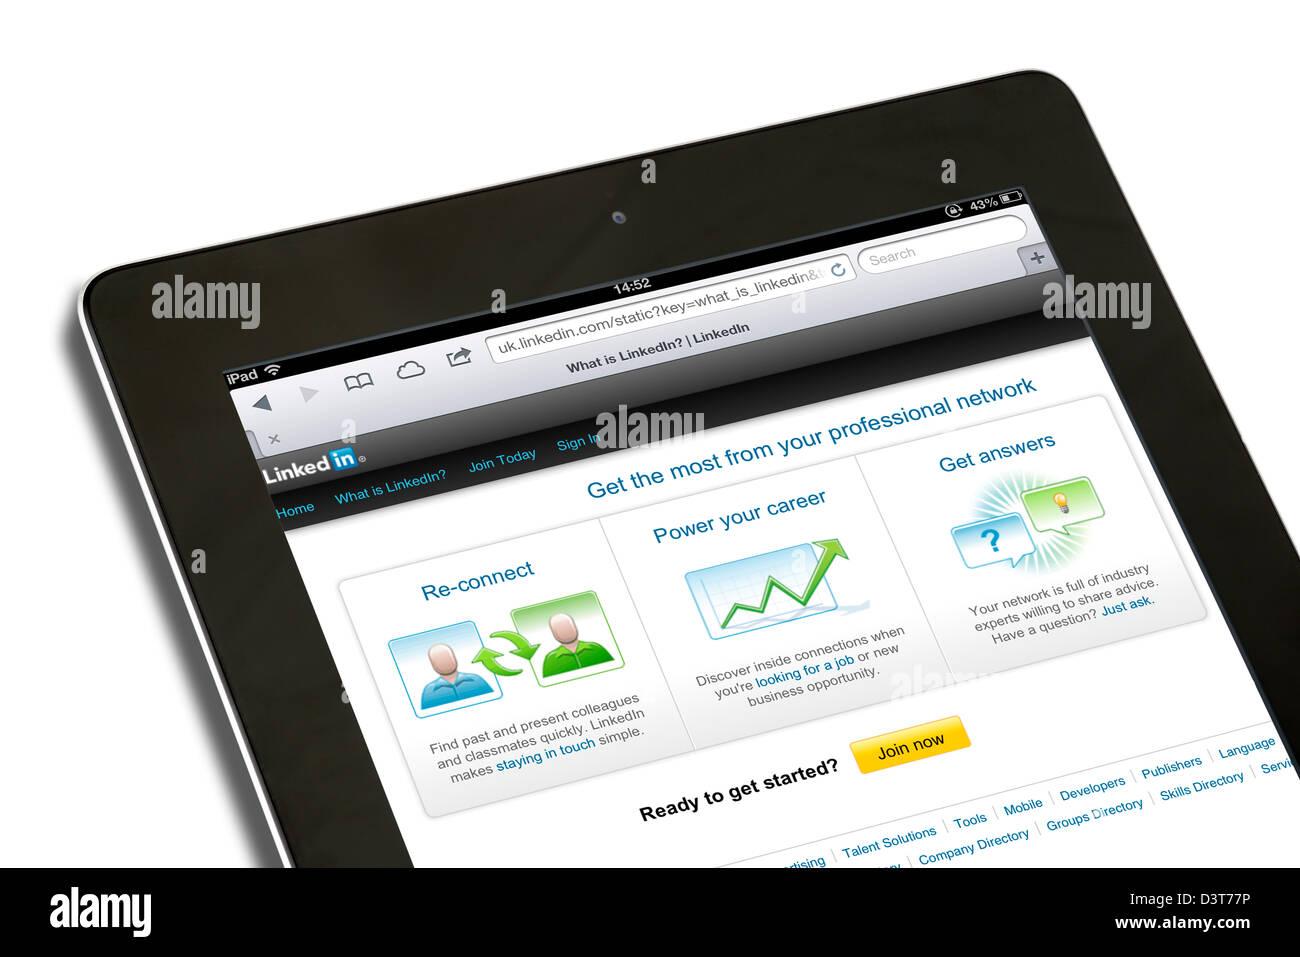 Le site de réseau social professionnel LinkedIn sur un iPad 4e génération Photo Stock